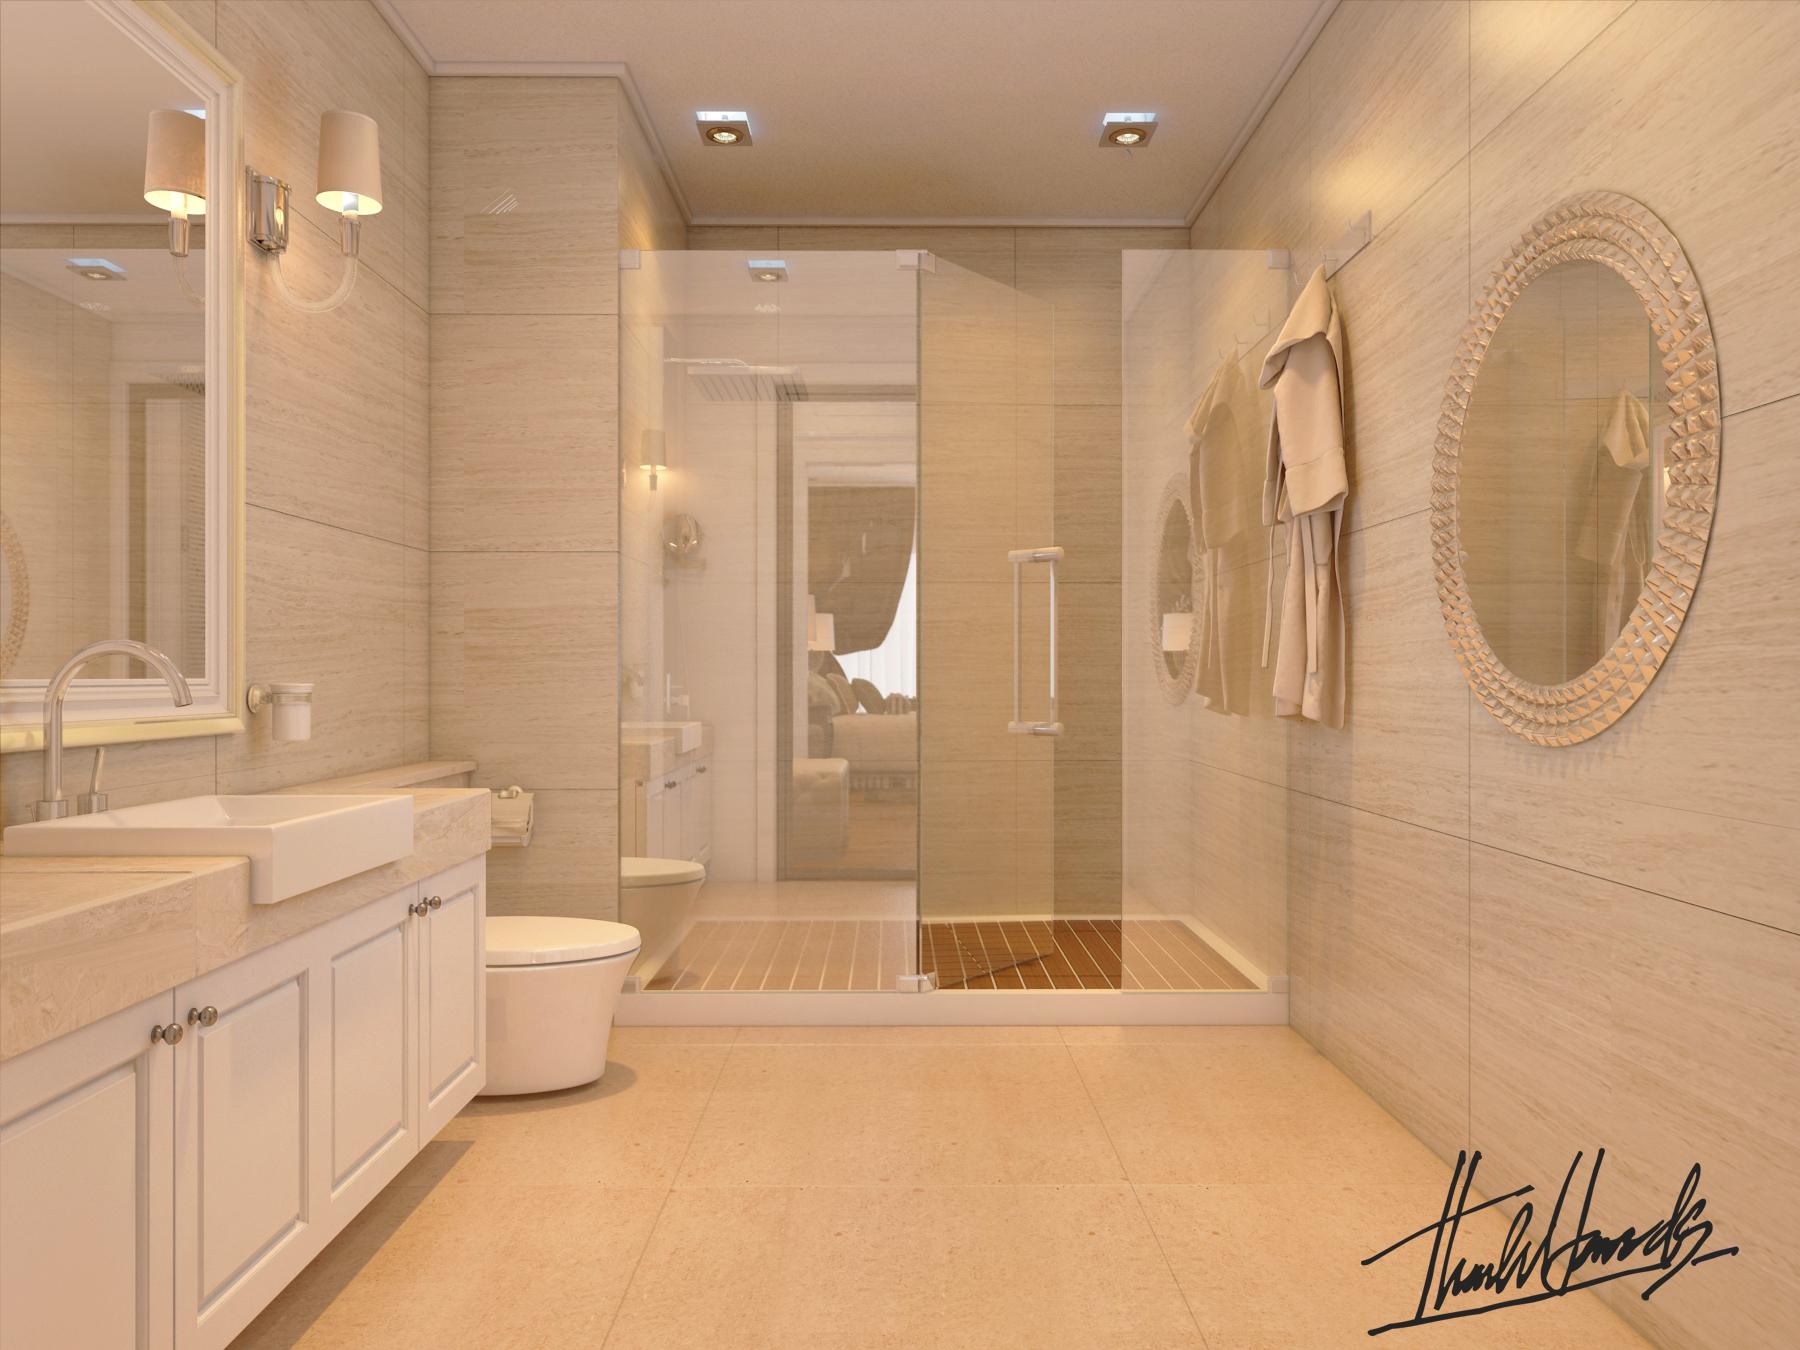 thiết kế nội thất chung cư tại Hà Nội chung cư trang an complex 13 1568277042